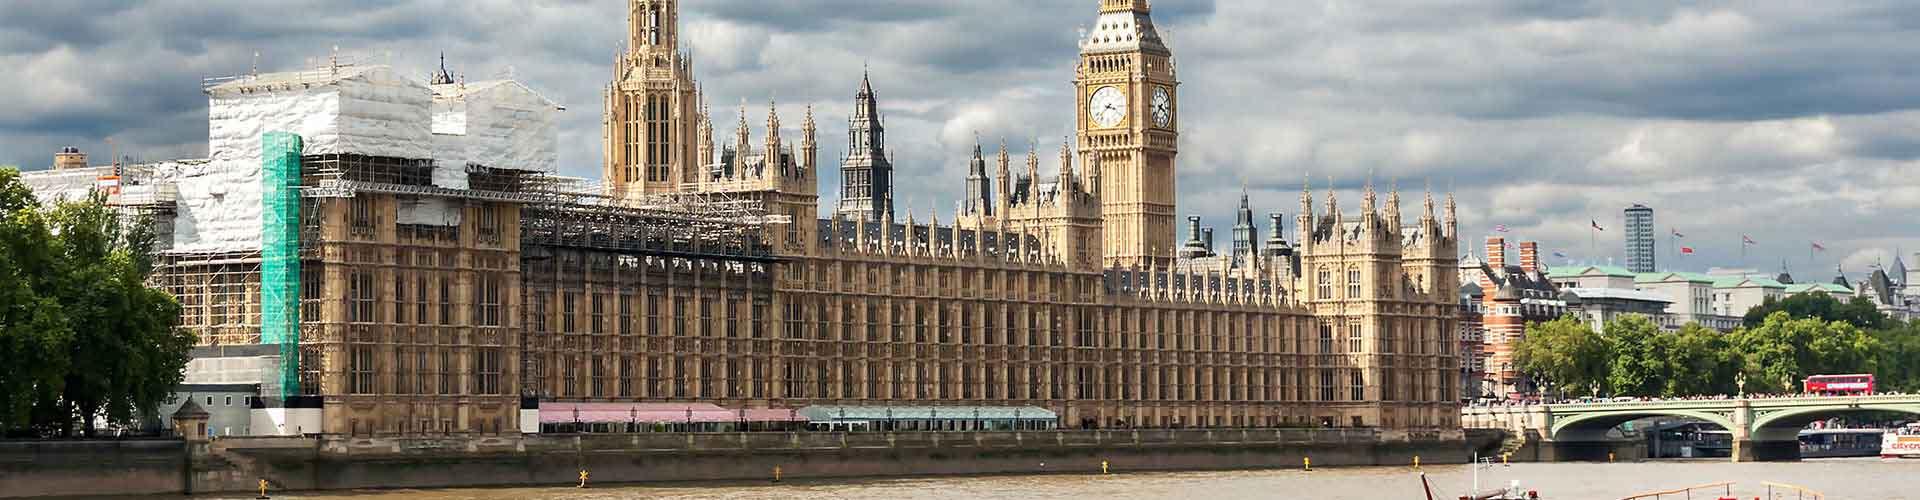 伦敦 – 威斯敏斯特宫附近的公寓。伦敦地图,伦敦每间公寓的照片和评价。